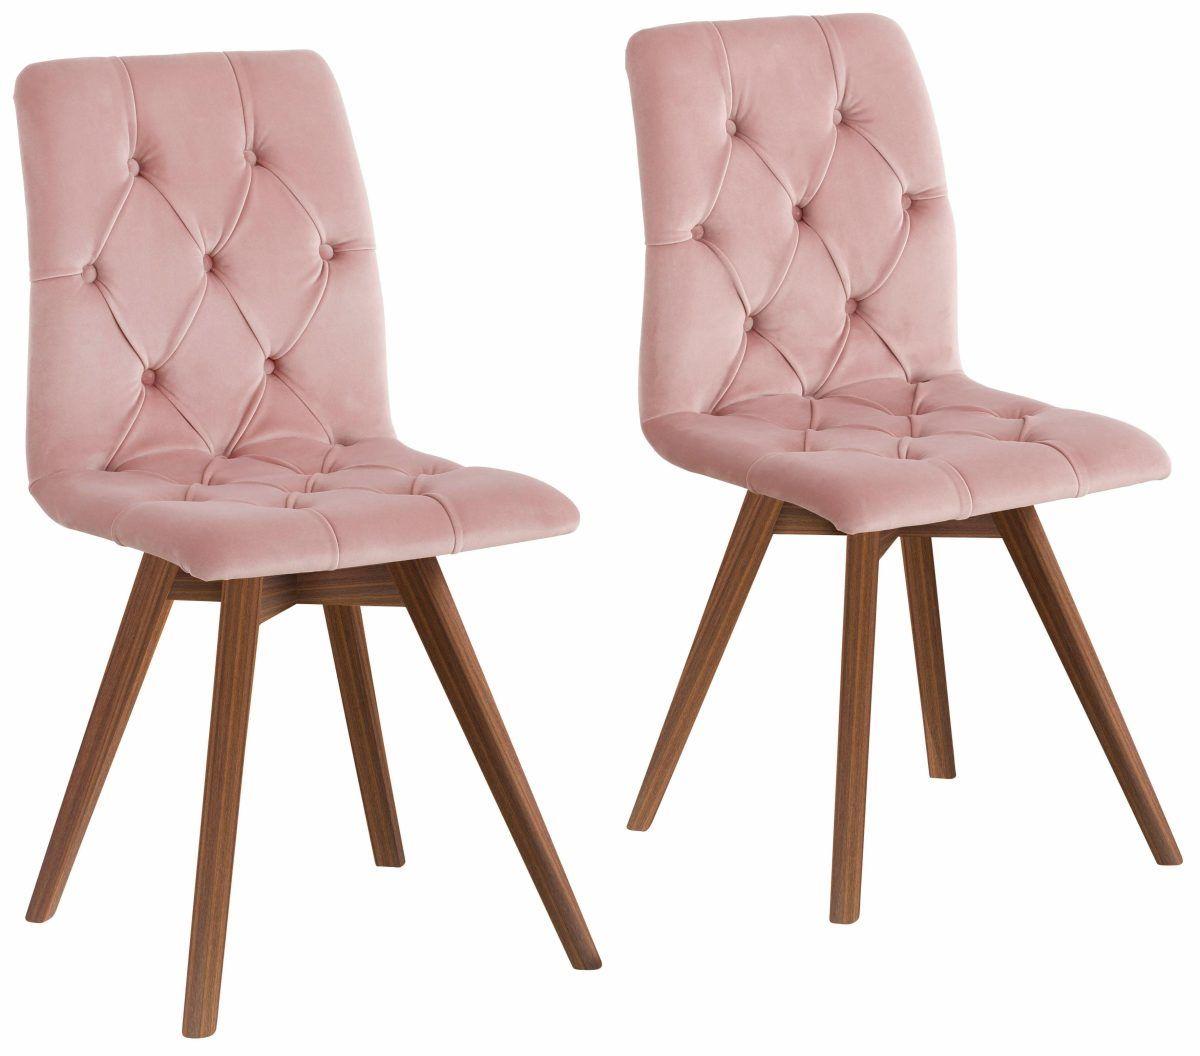 Home Affaire Stühle »Rania« Rosa, 4er Set, Samtoptik, Beine Nussbaum,